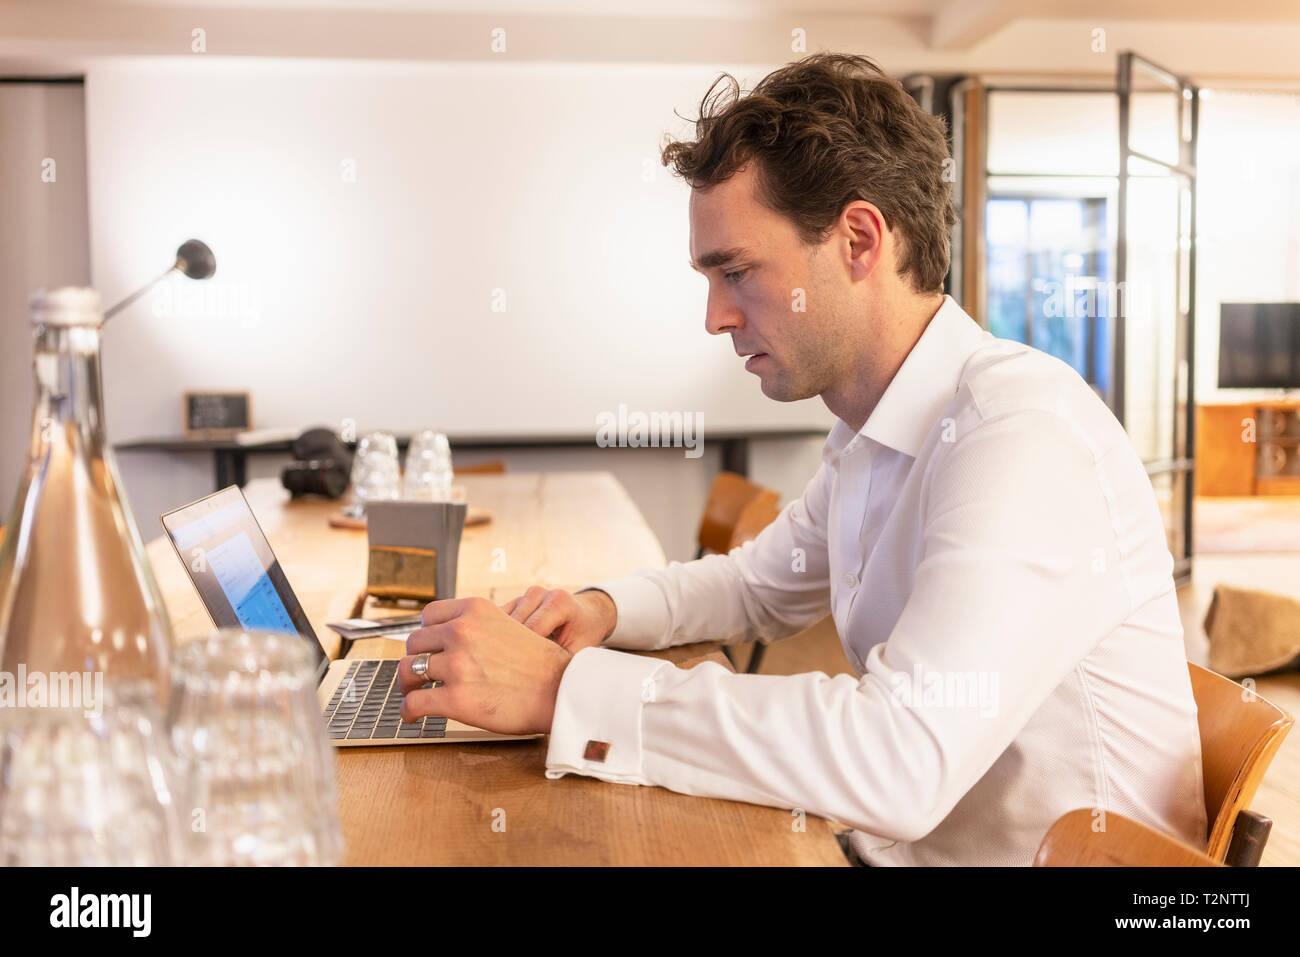 Adulto medio imprenditore digitazione sul portatile in ufficio Immagini Stock